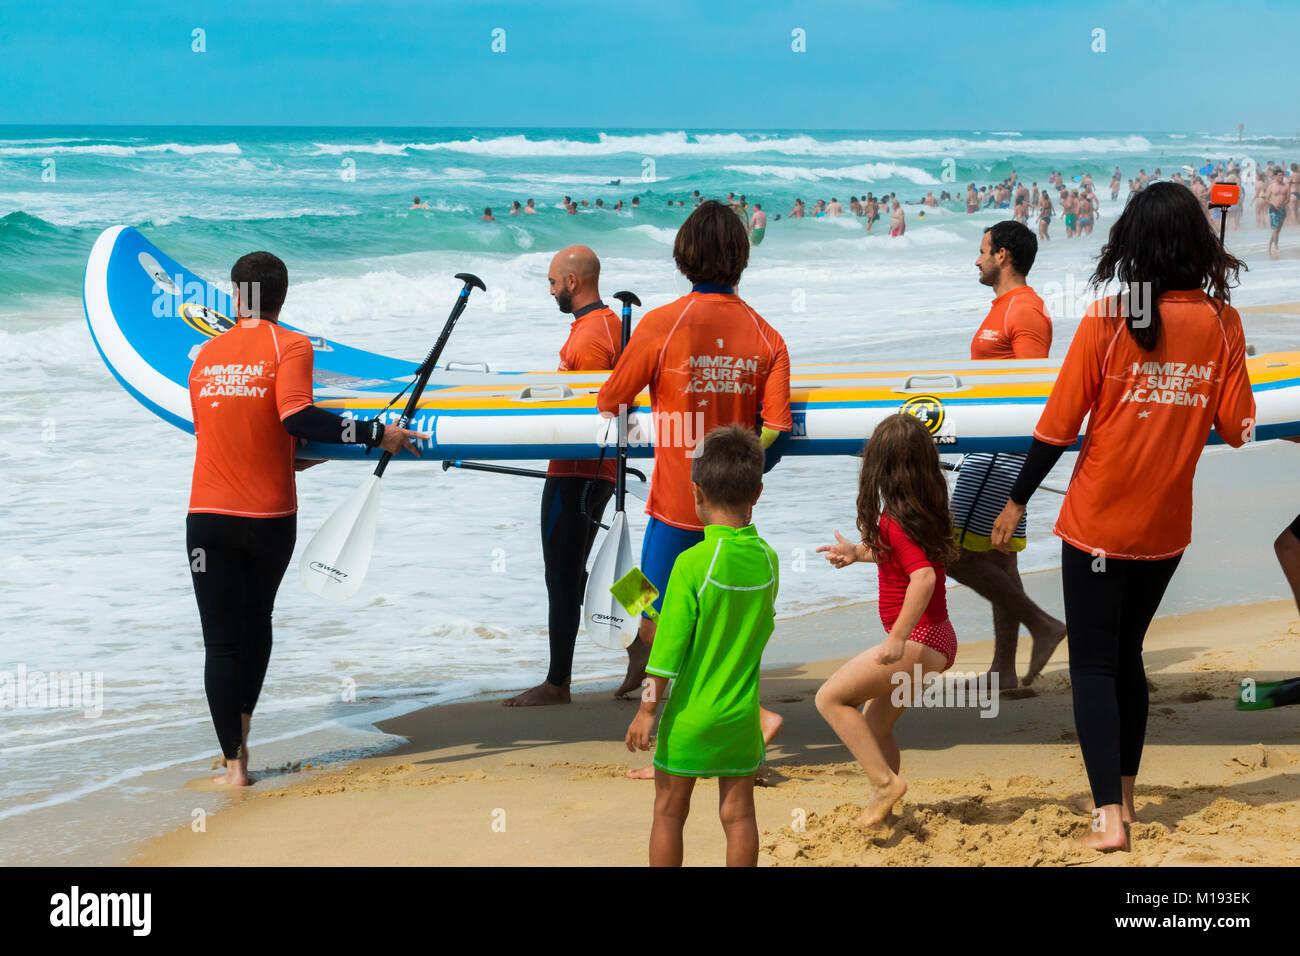 Les membres de l'académie de surf avec de grandes embarcations de surf à Mimizan Plage, au sud-ouest Photo Stock